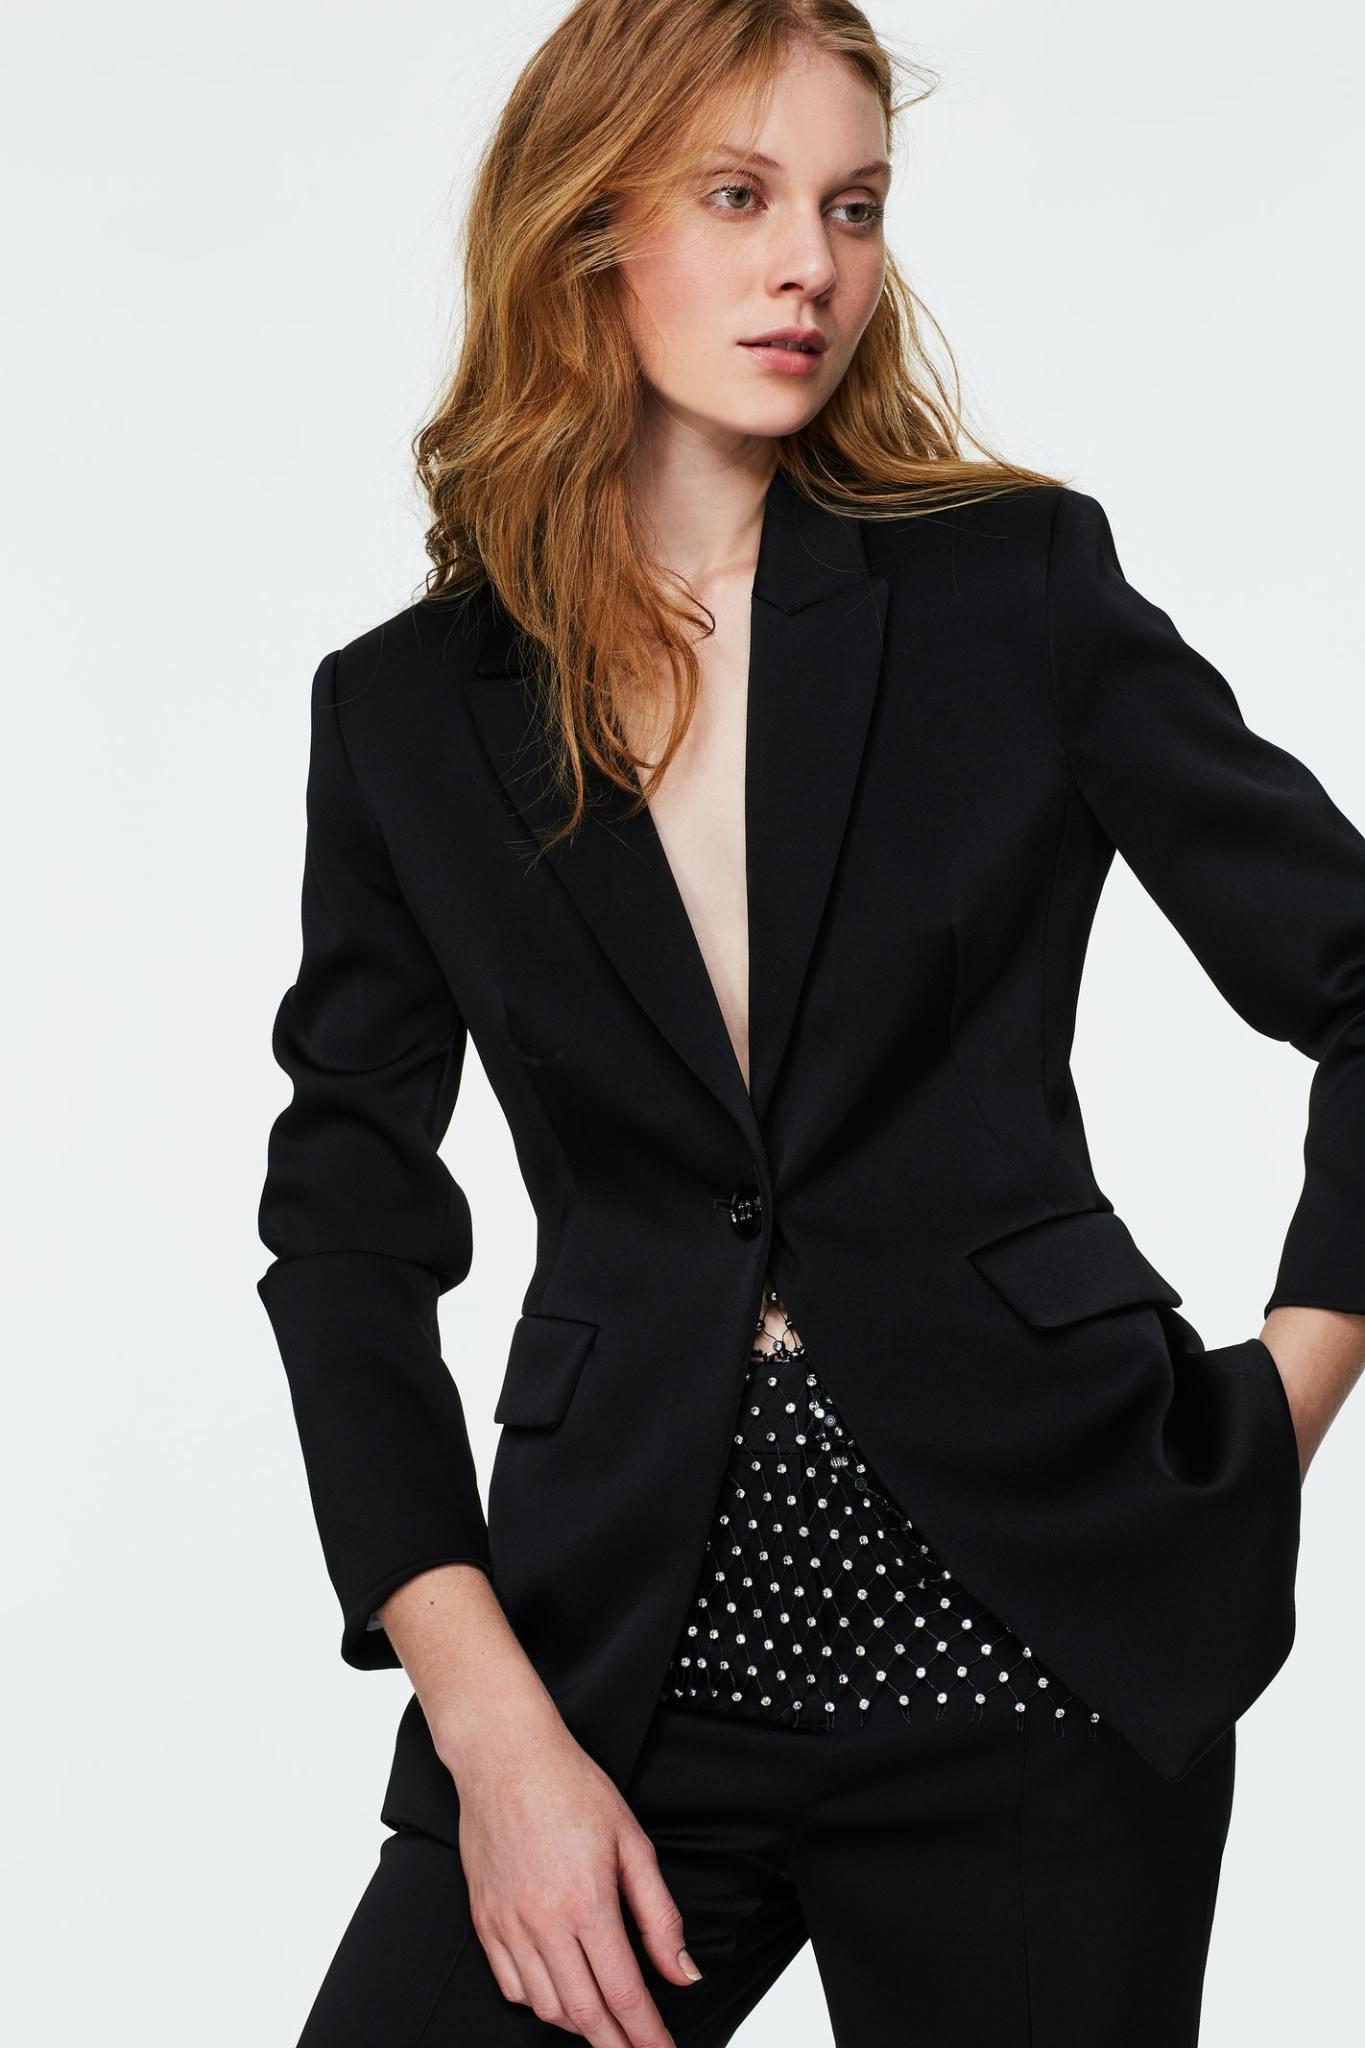 Classy statement jacket dorothee schumacher-3